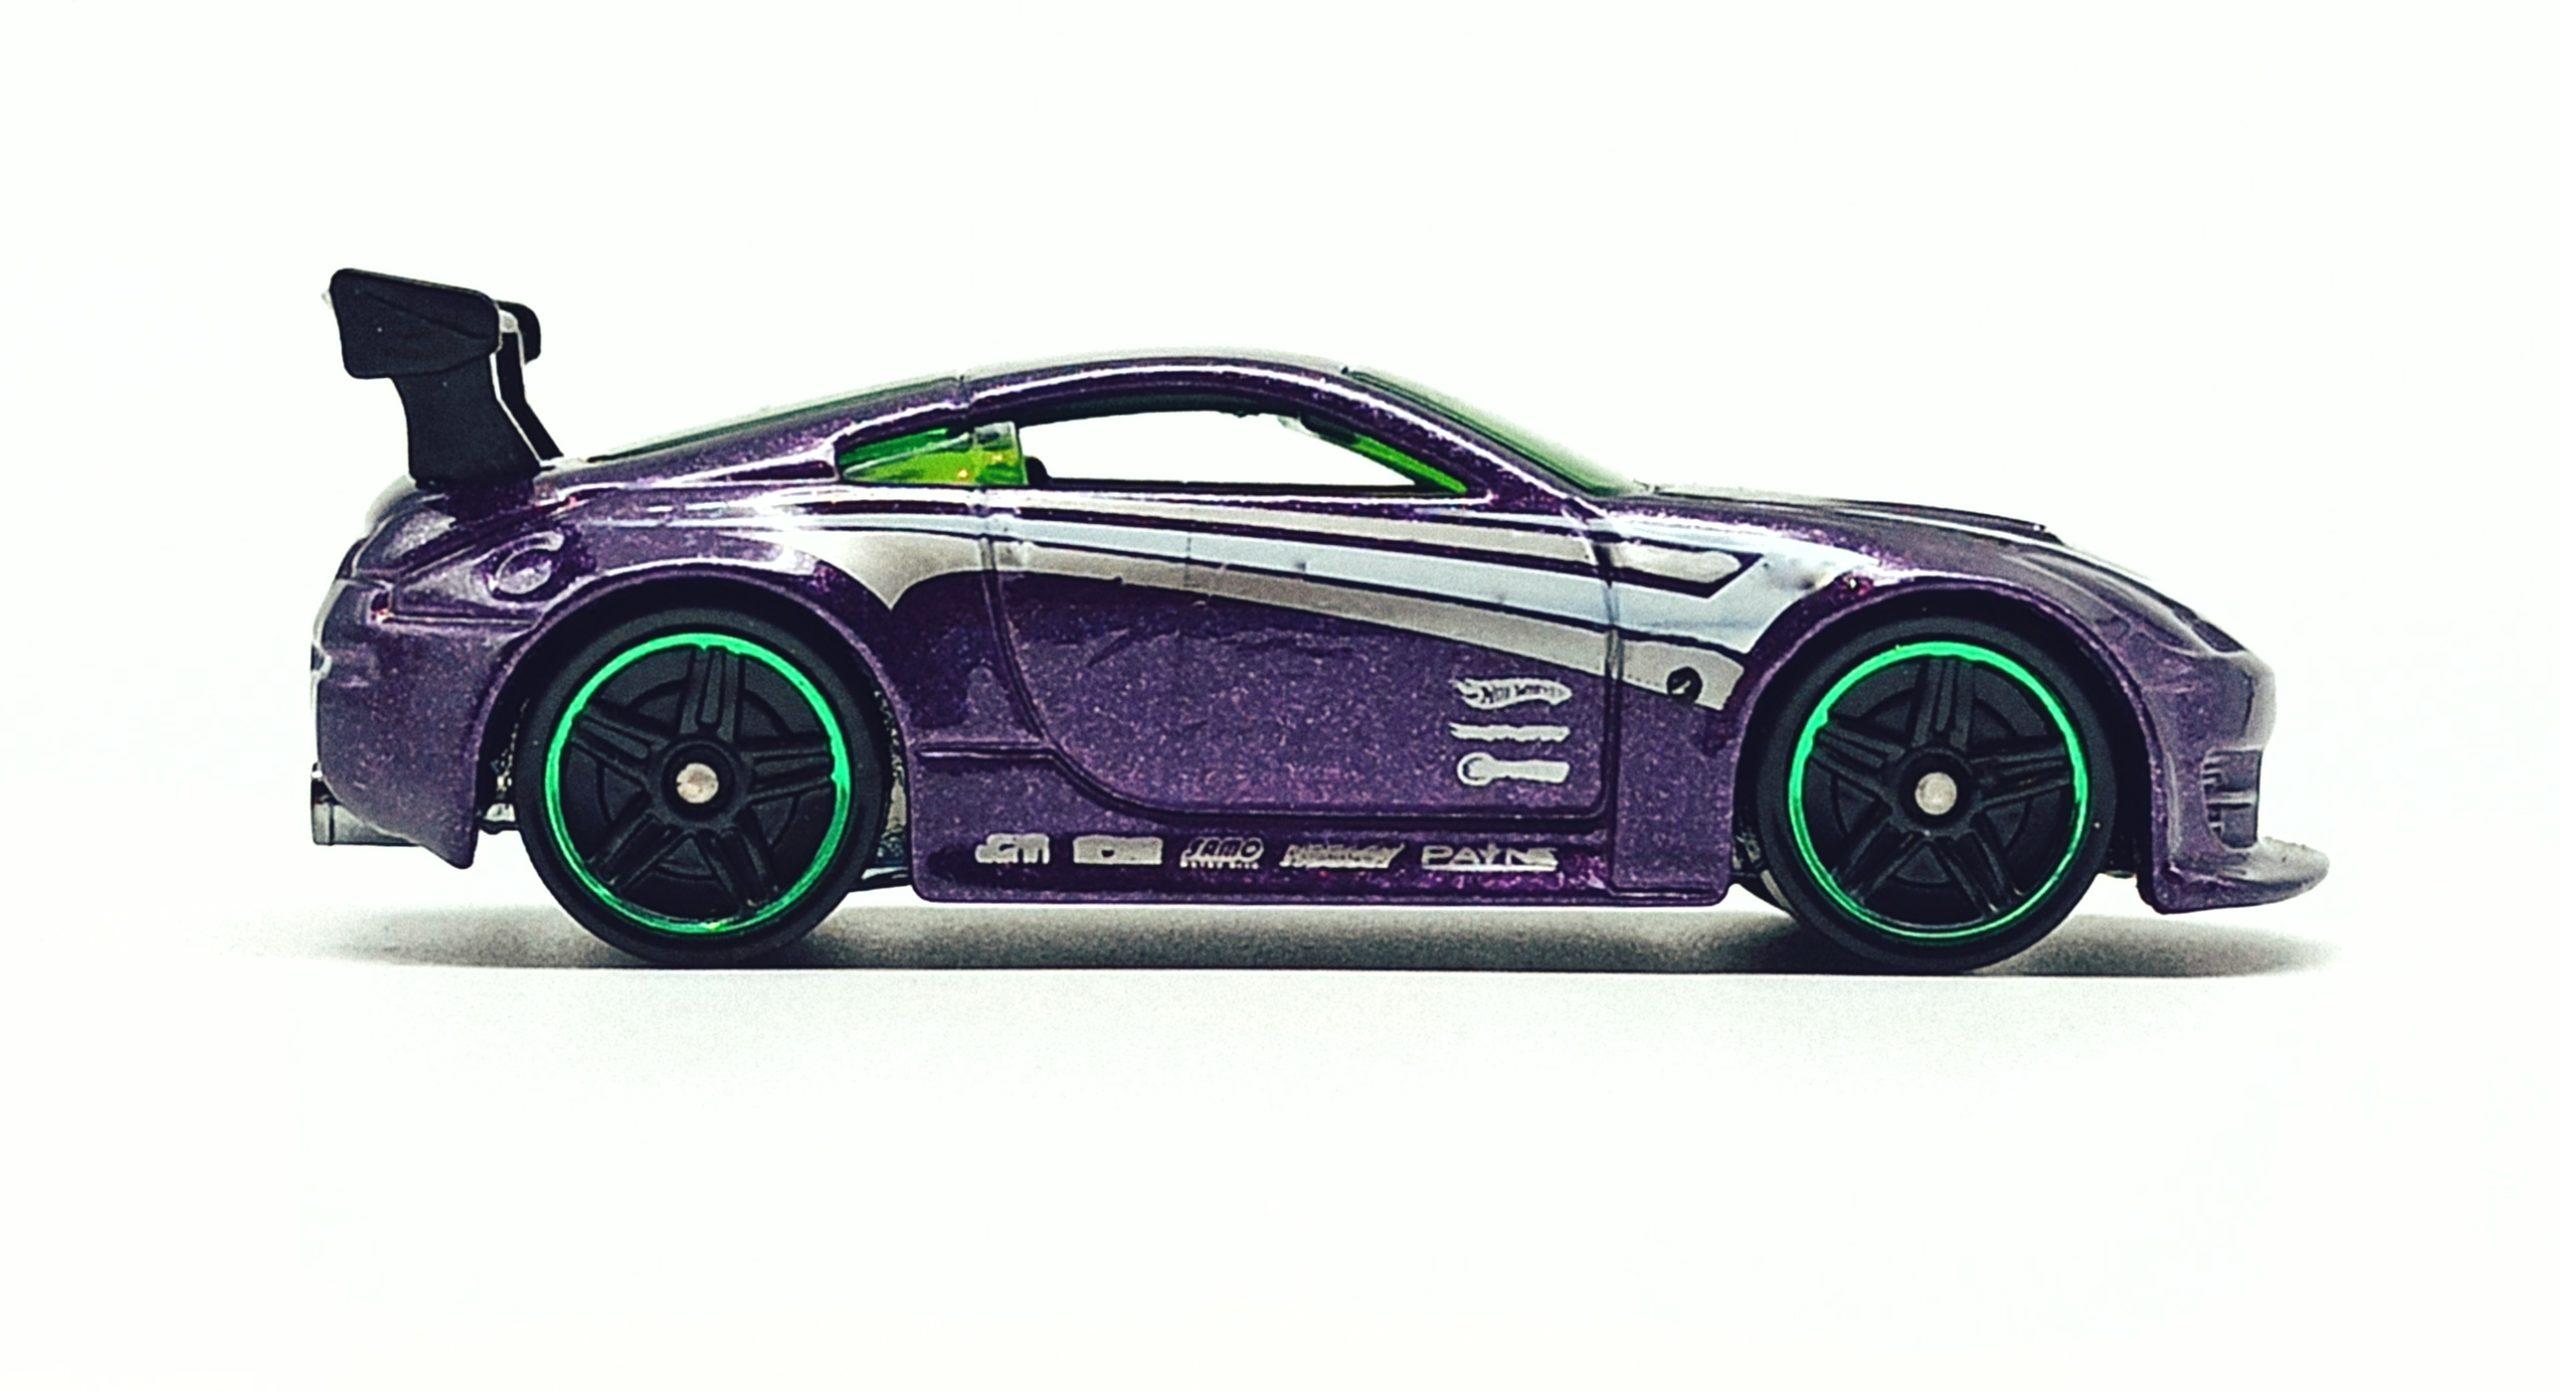 Hot Wheels Nissan 350Z (R7487) 2010 (234/240) Mystery Cars (18/24) purple side